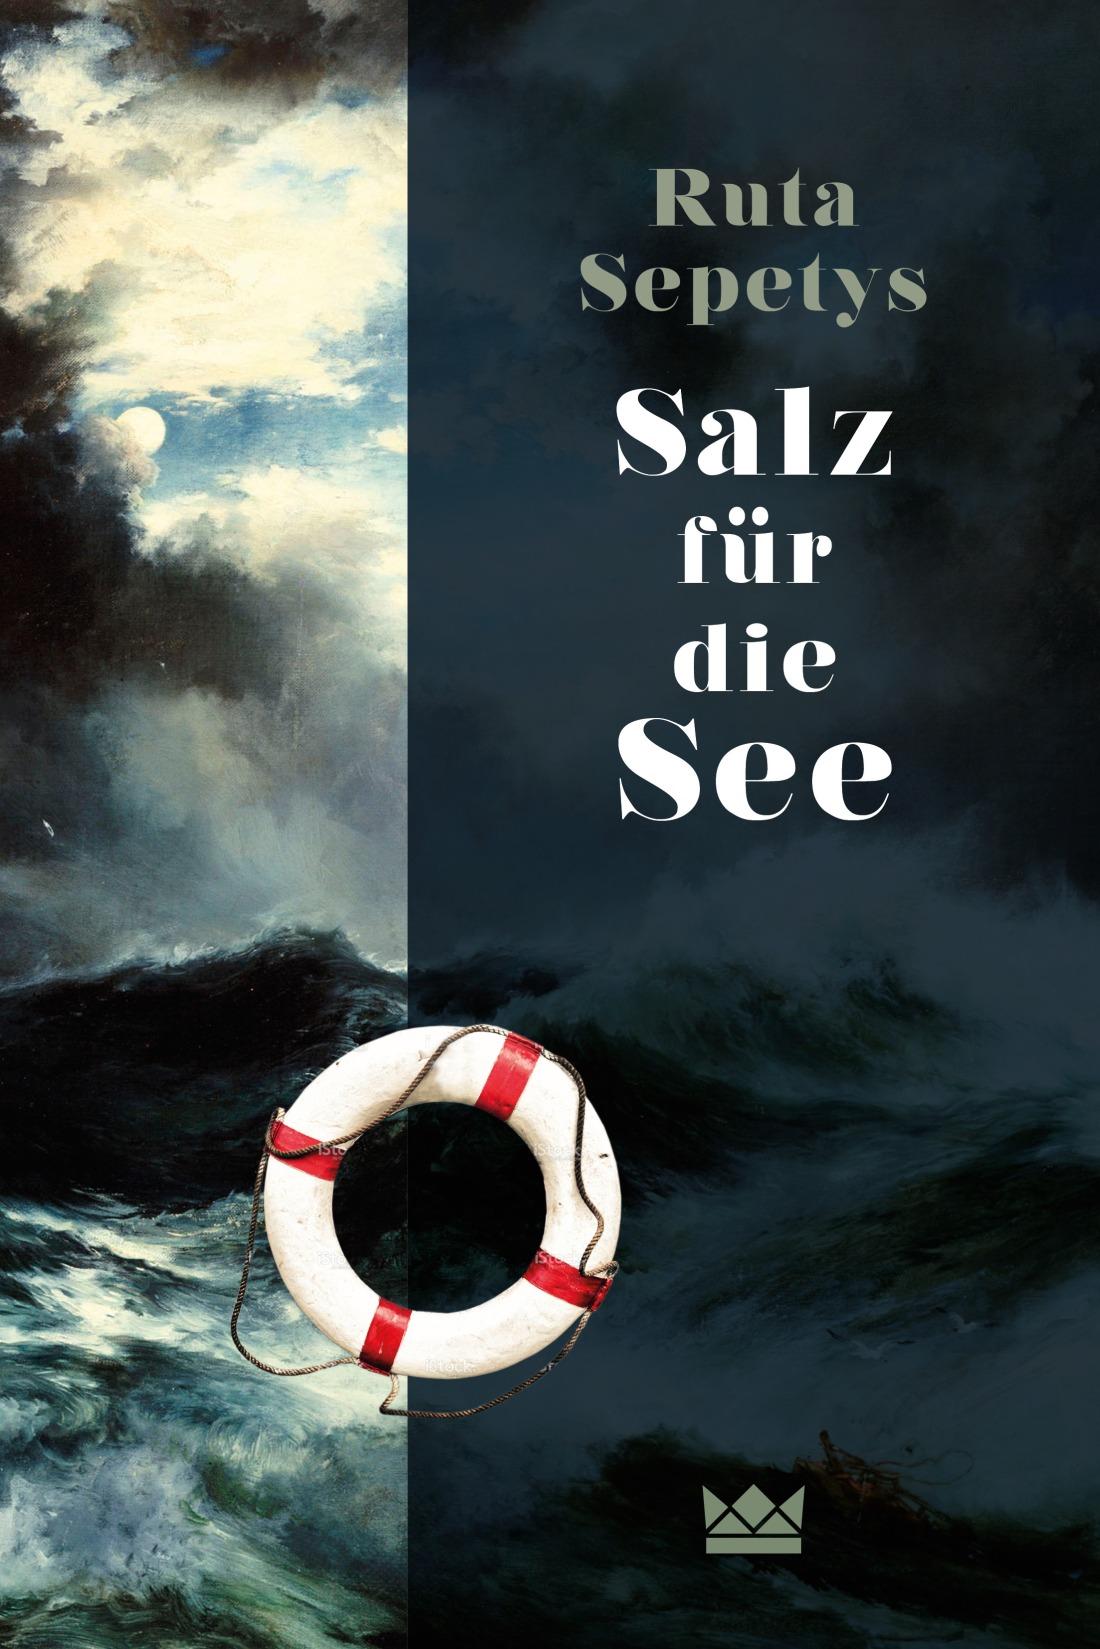 Sepetys_SaltFuerDieSee_U1_FIN_FIN